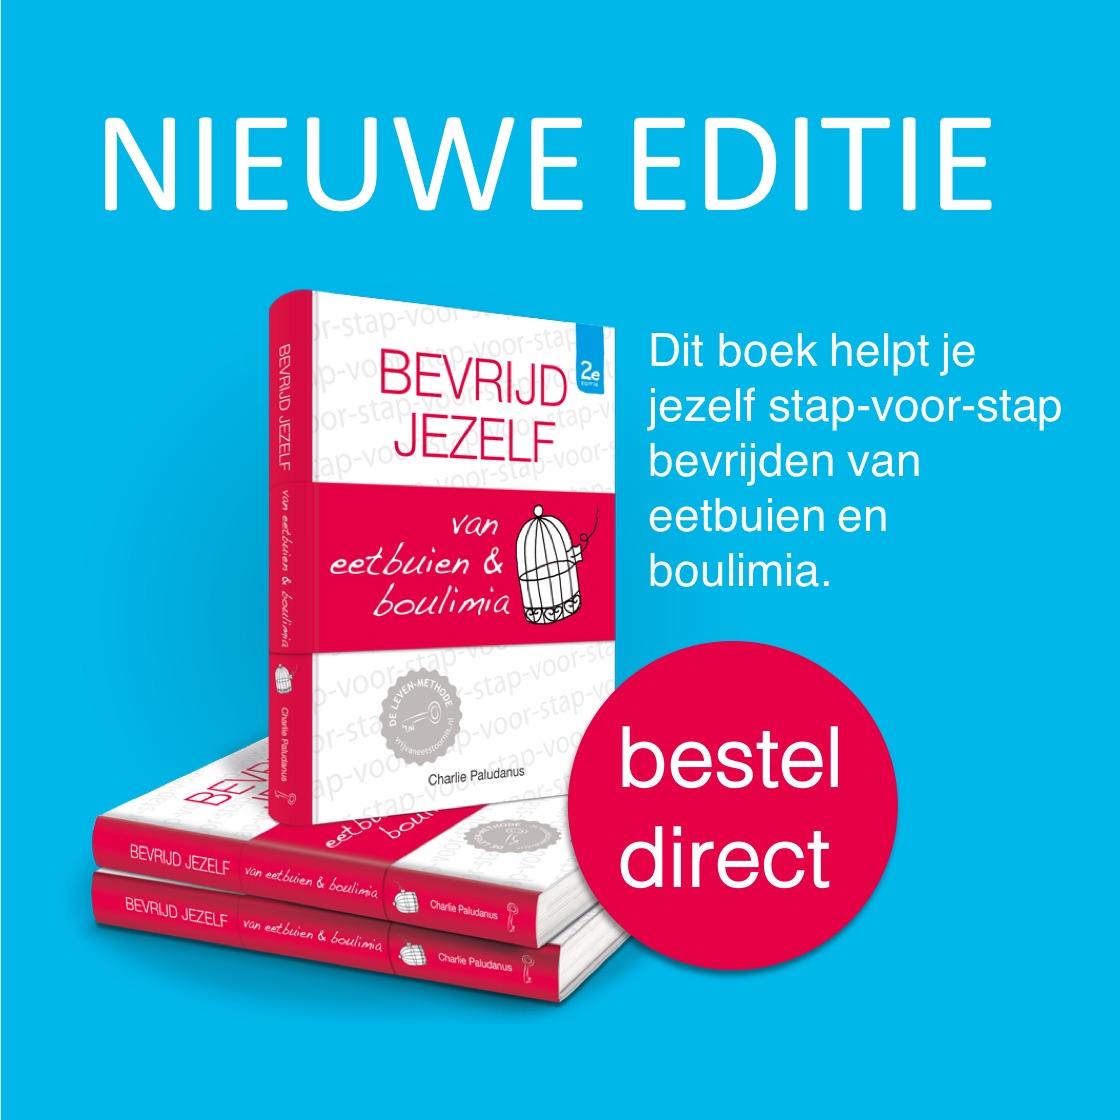 Afbeelding van nieuwe editie boek bevrijd jezelf van eetbuien & boulimia,  korte omschrijving inhoud boek en mogelijkheid tot direct bestellen.